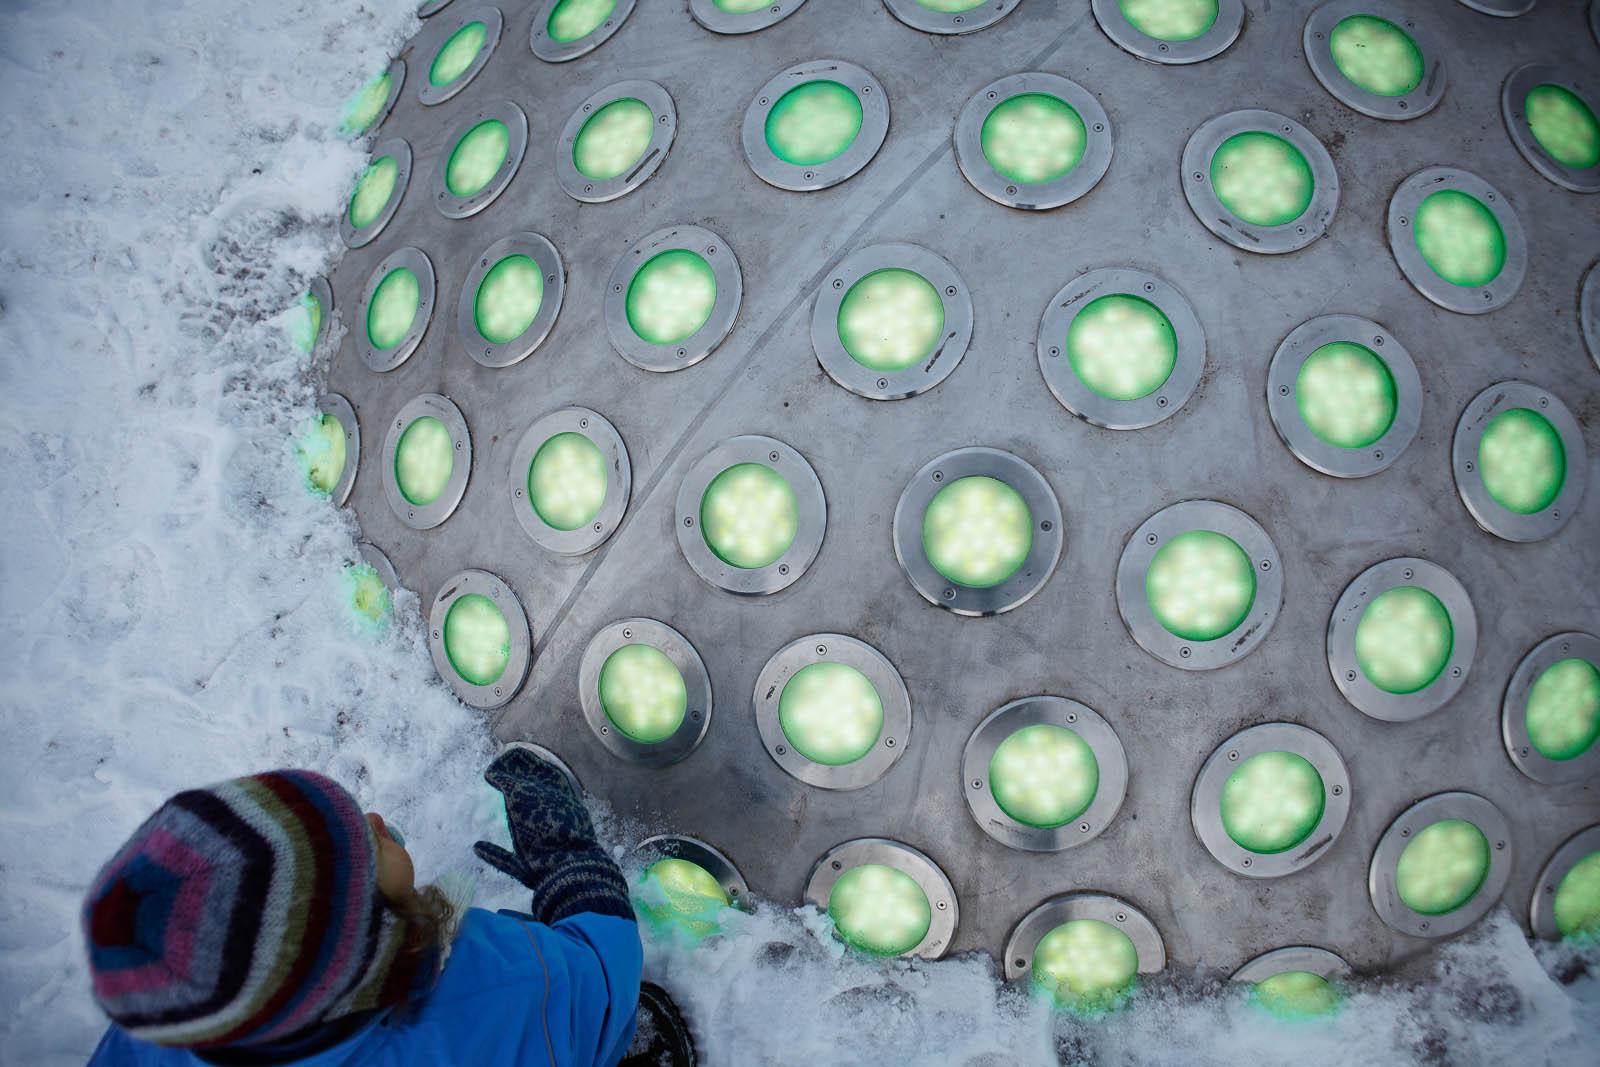 Ett barn undersöker en stålkupol som sticker upp ur snön täckt av gröna lysande lampor. Markus Lantto, Termonoder